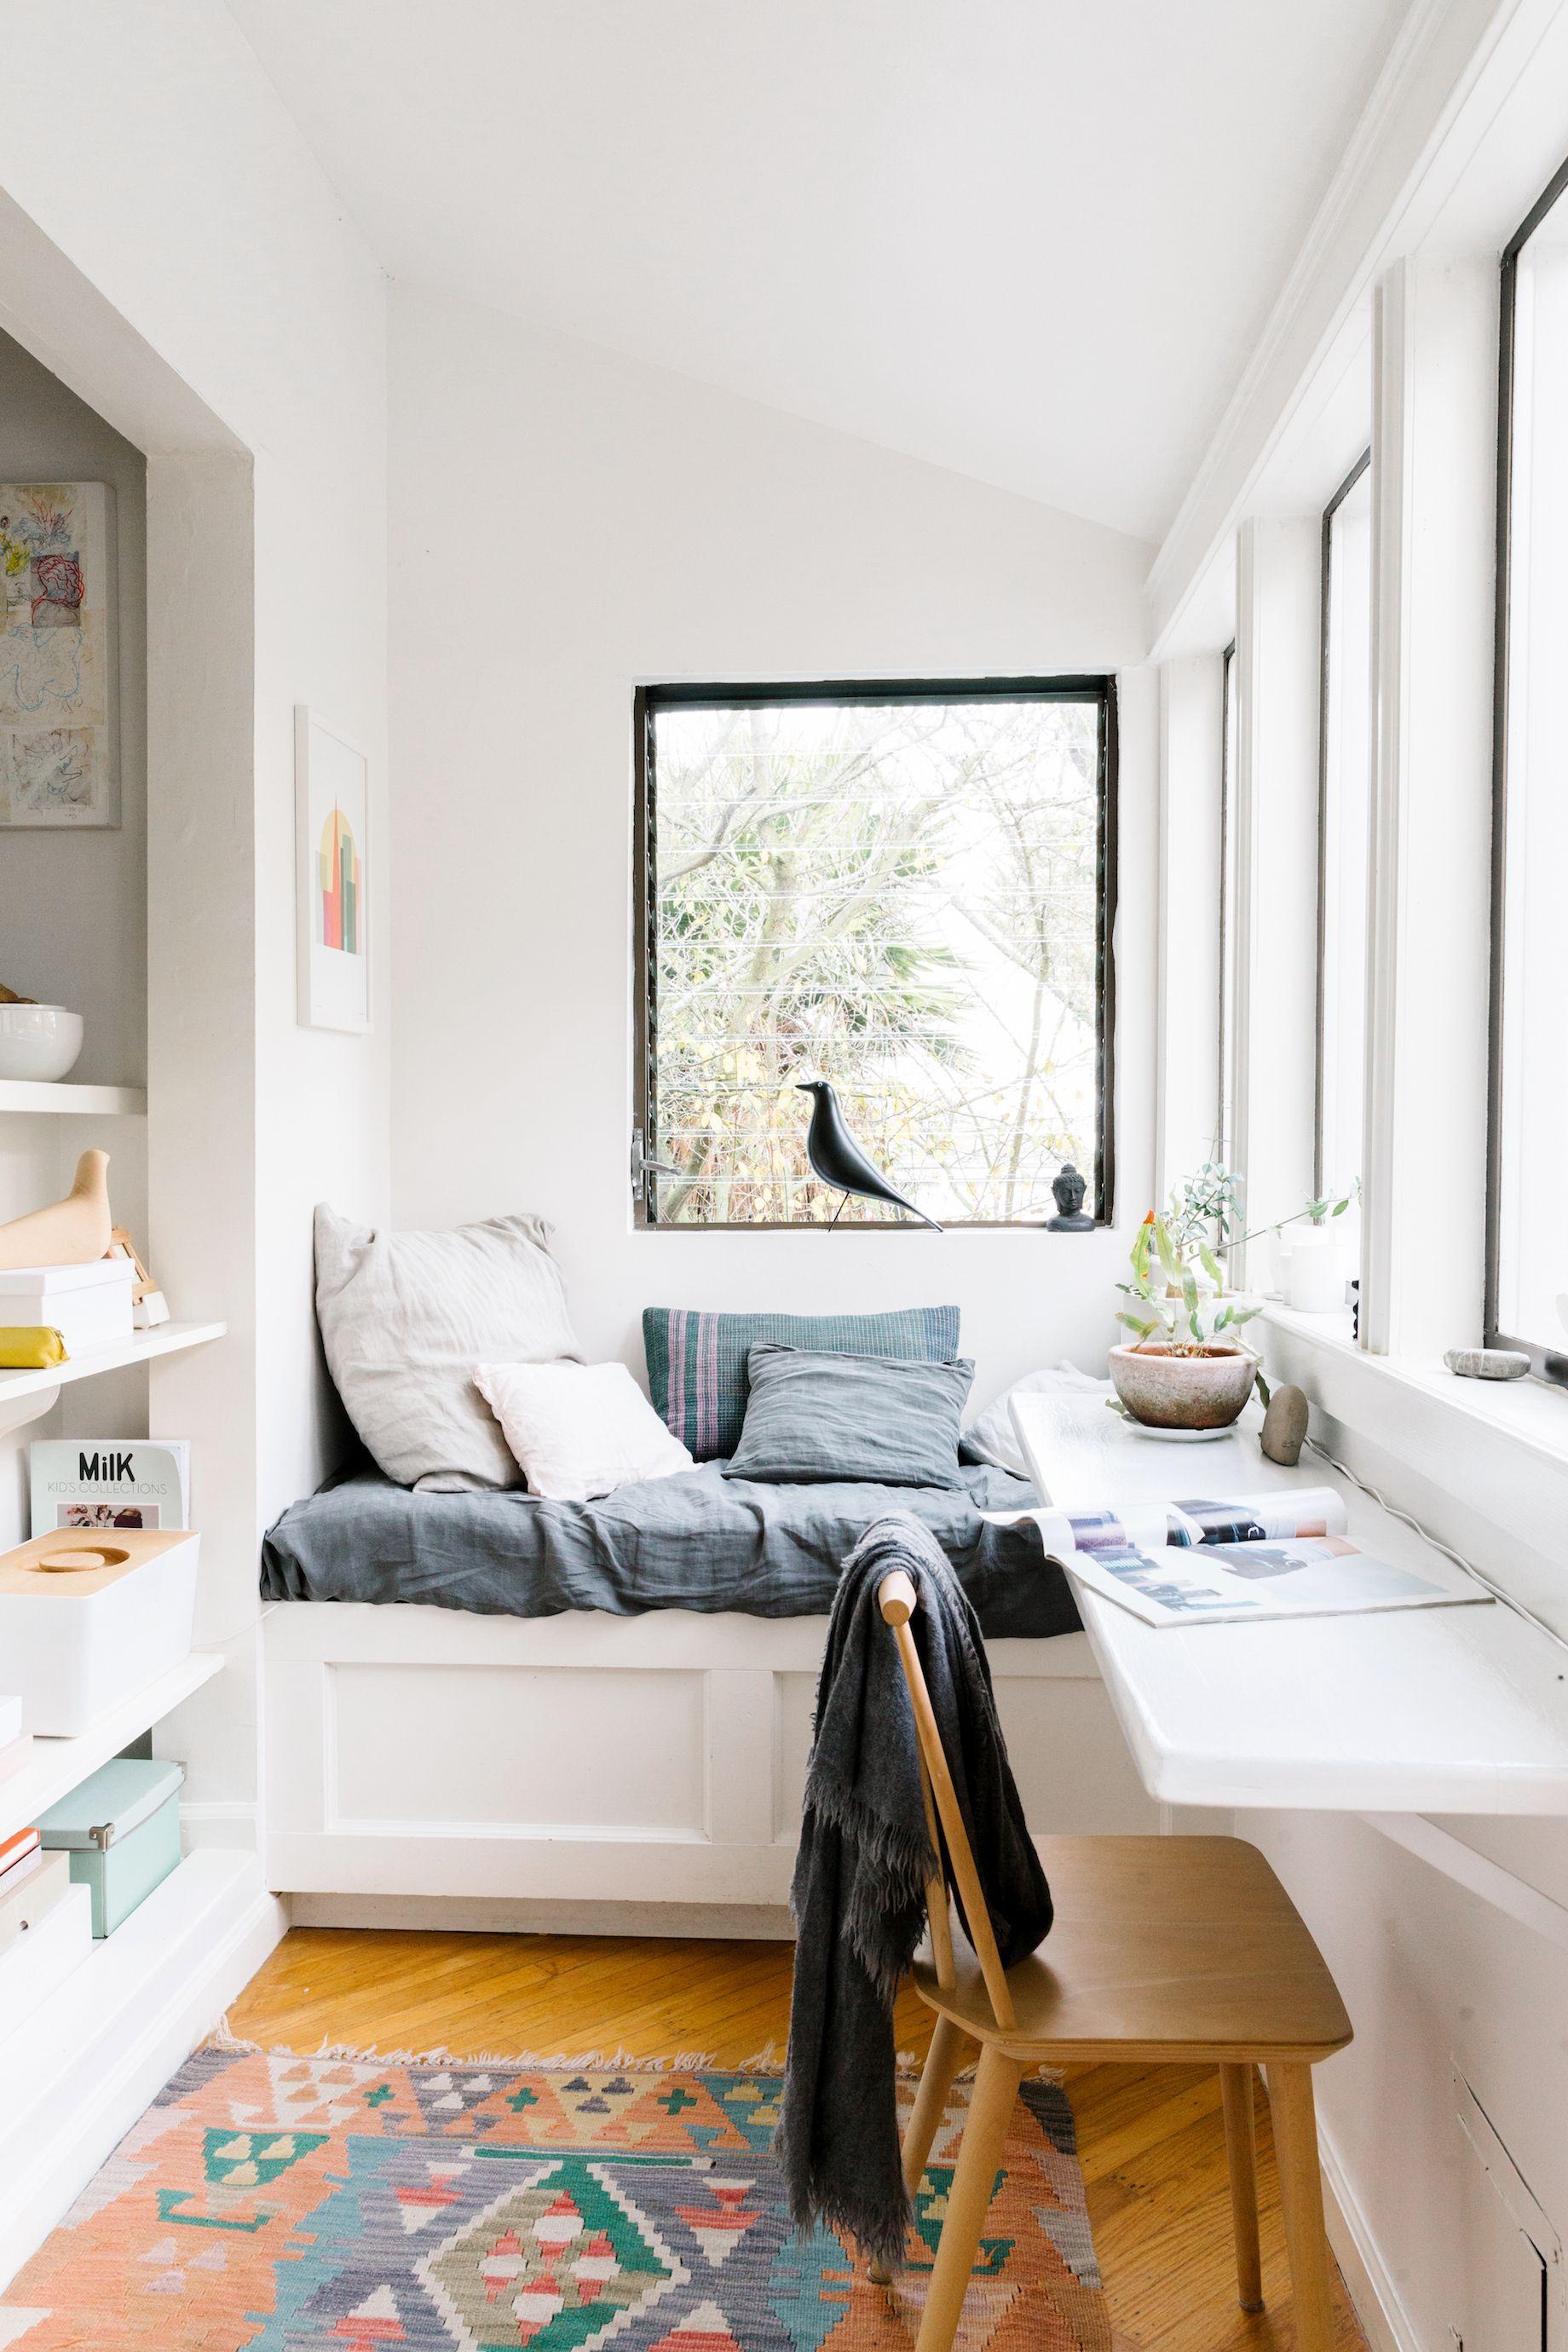 Дизайн маленькой спальни 2017 - 68 фото и идеи интерьера спа.